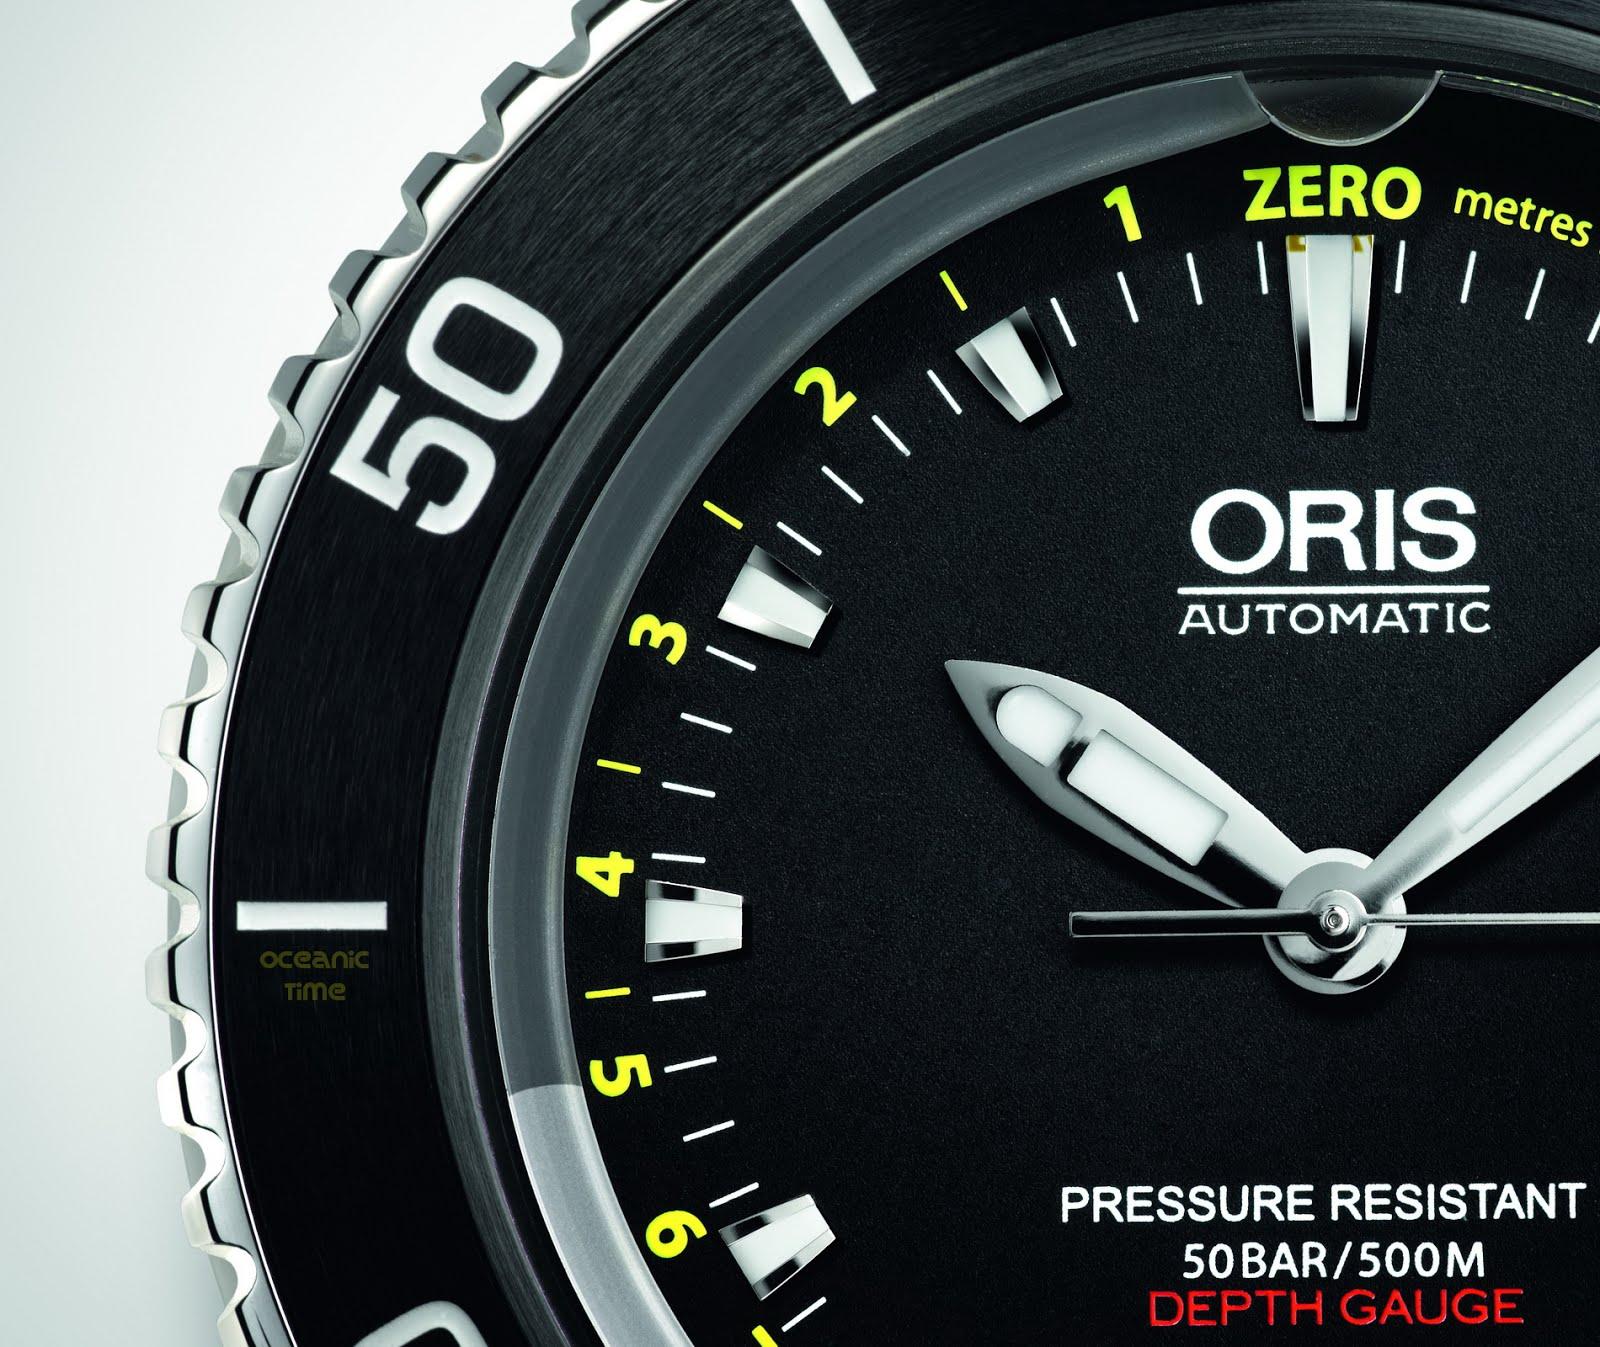 profondimetre - Une nouvelle montre profondimètre chez Oris ORIS%2BAquis%2BDepth%2BGAUGE%2B02